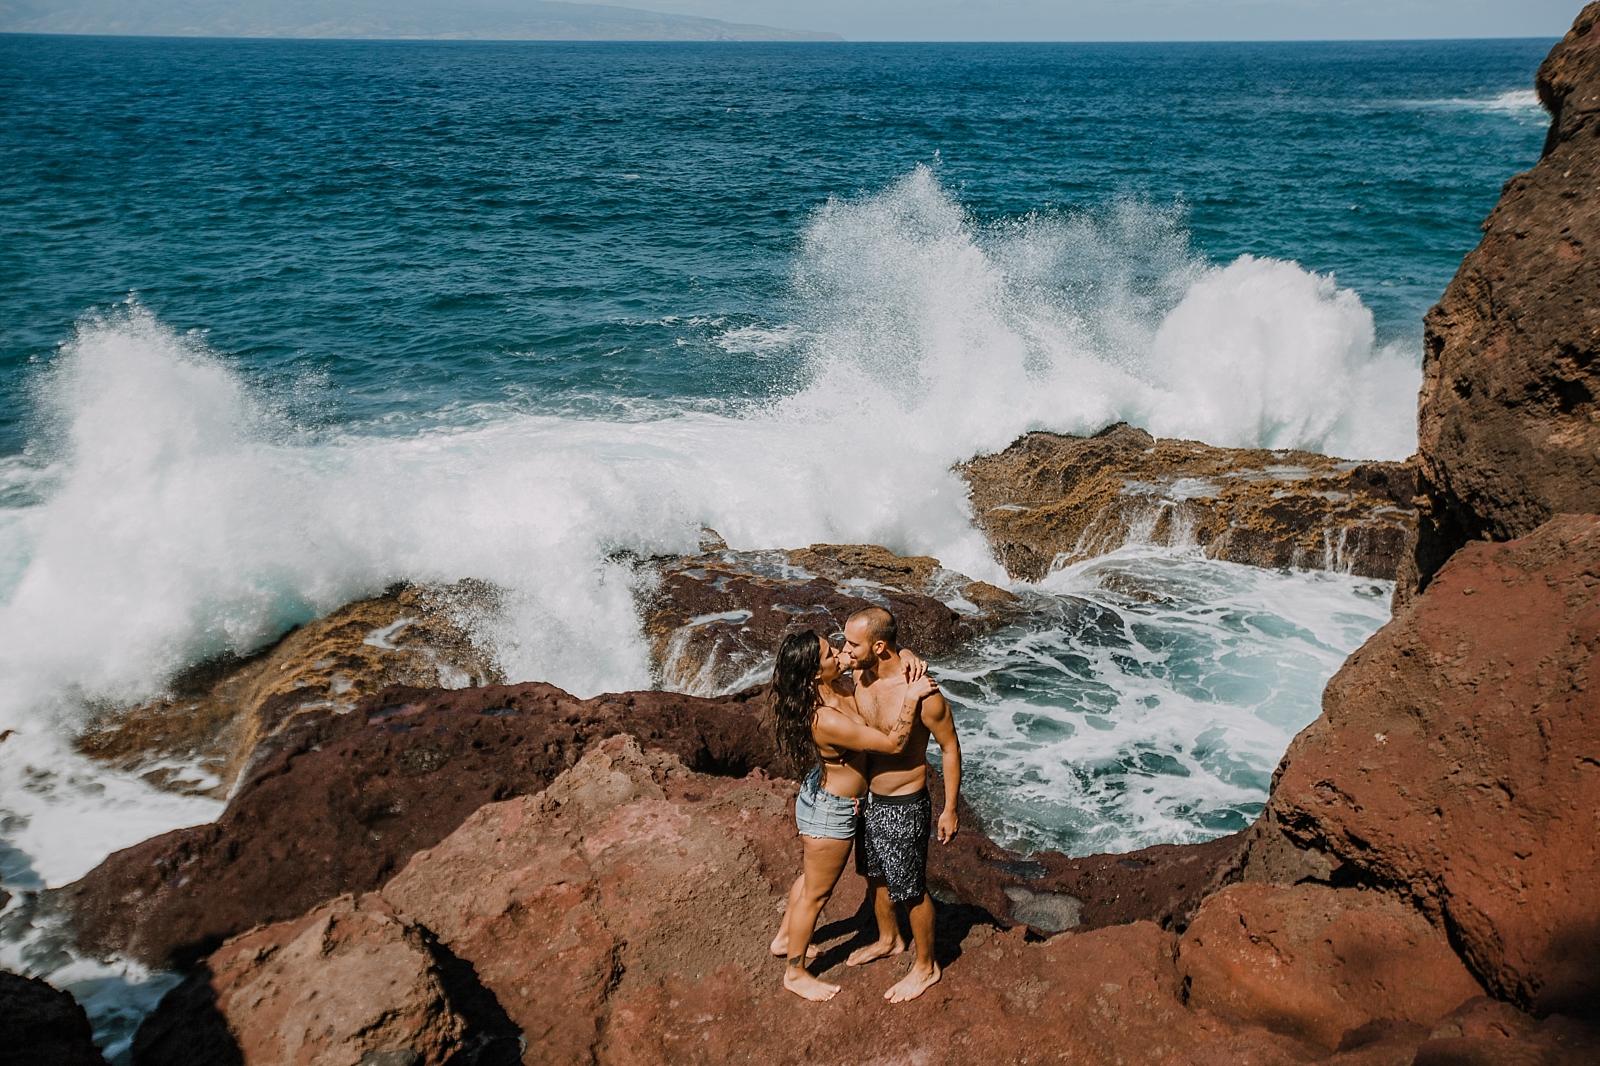 maui engagements, maui diving, maui cliffside, maui elopement photographer, maui wedding photographer, swimming engagements, maui hiking, maui hawaii hiking, lahaina beaches, swimsuit engagement